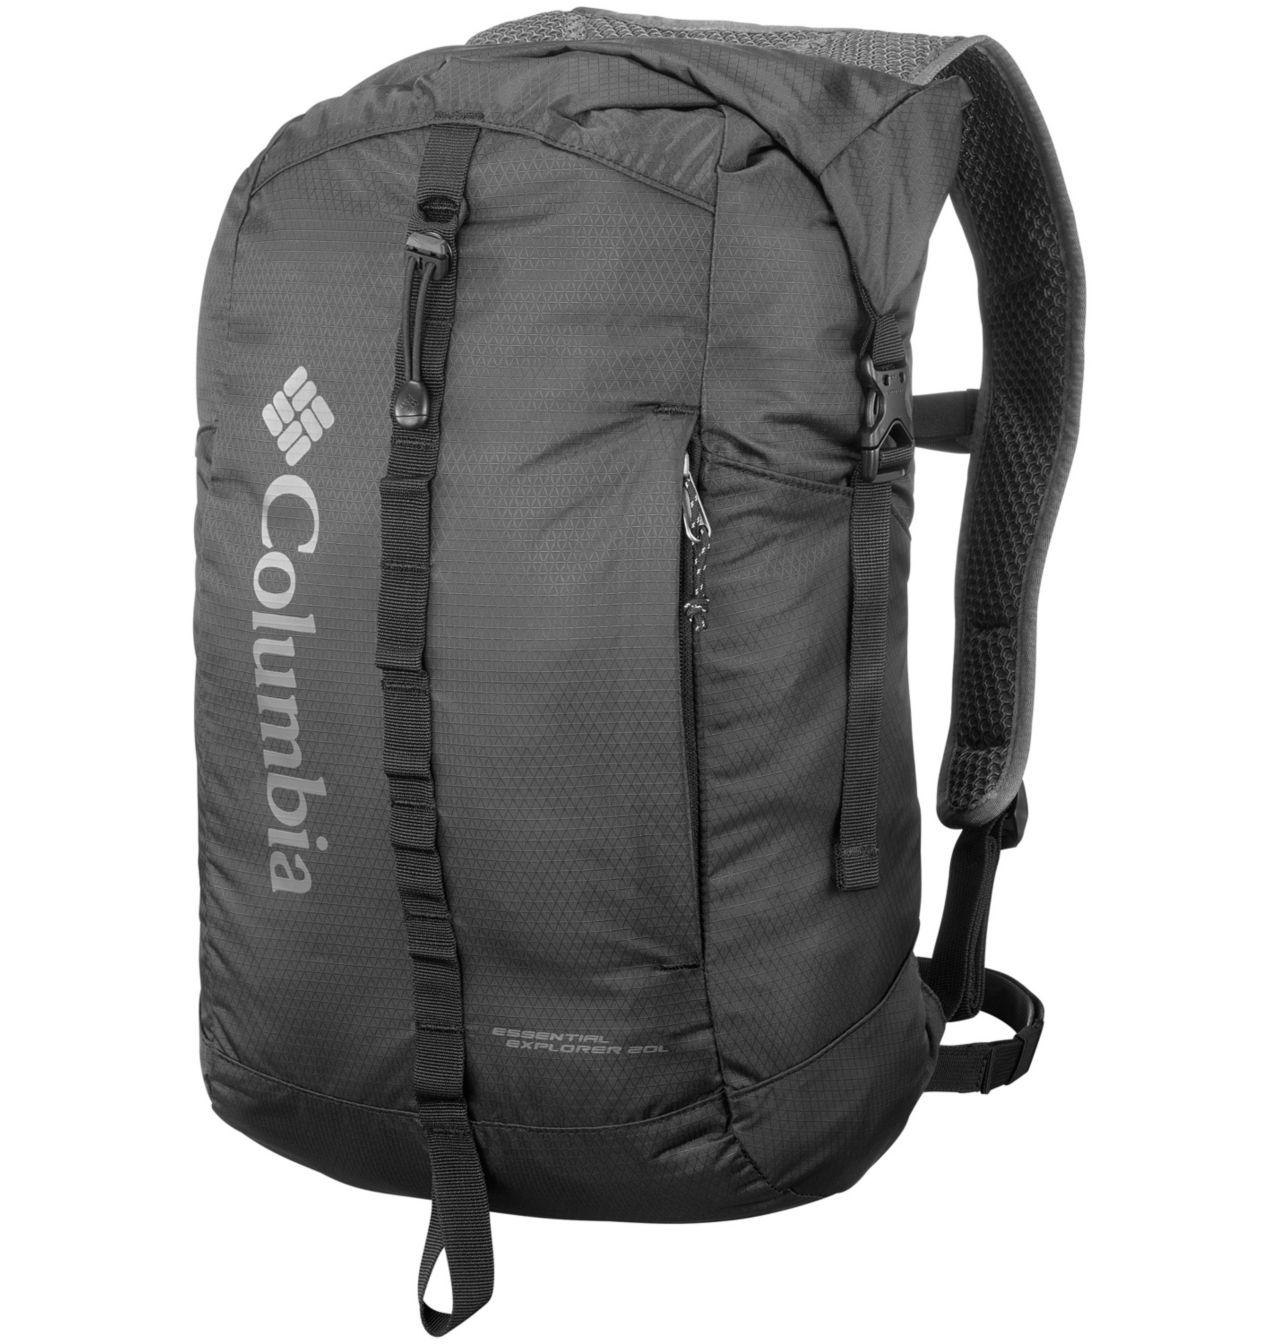 Unisex Adulto Columbia Essential Explorer 25L Mochila